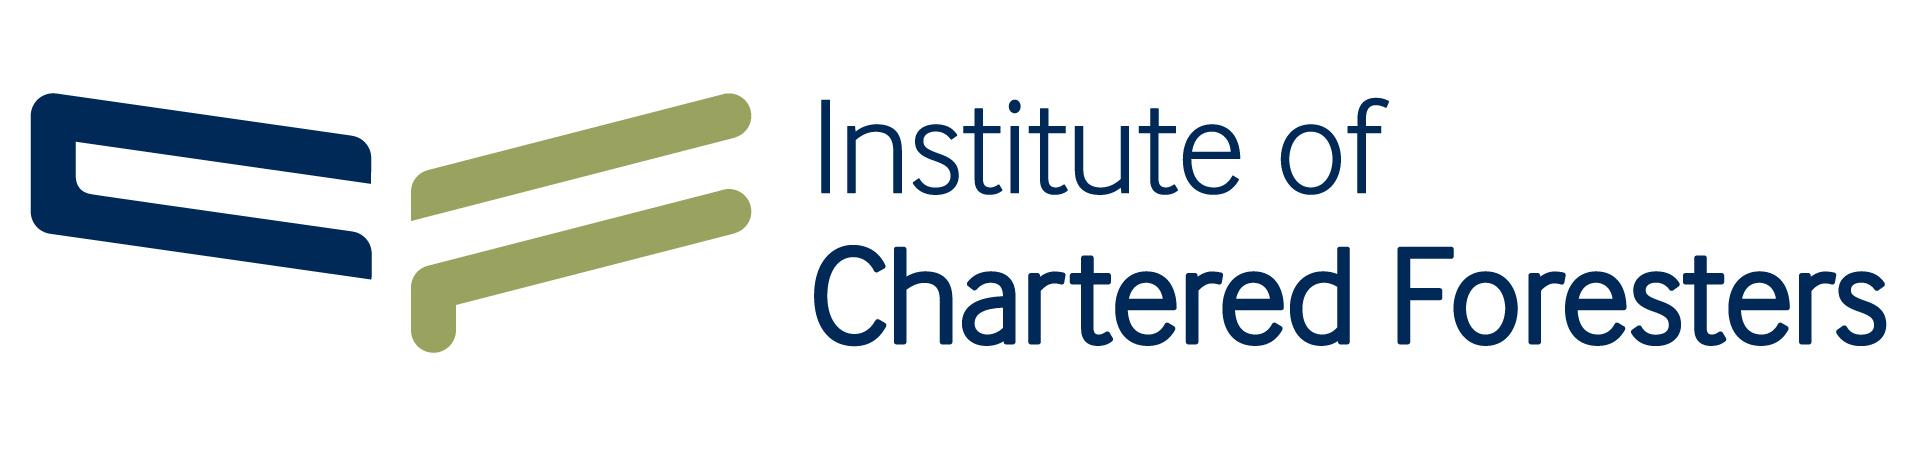 icf-colour-logo.jpg